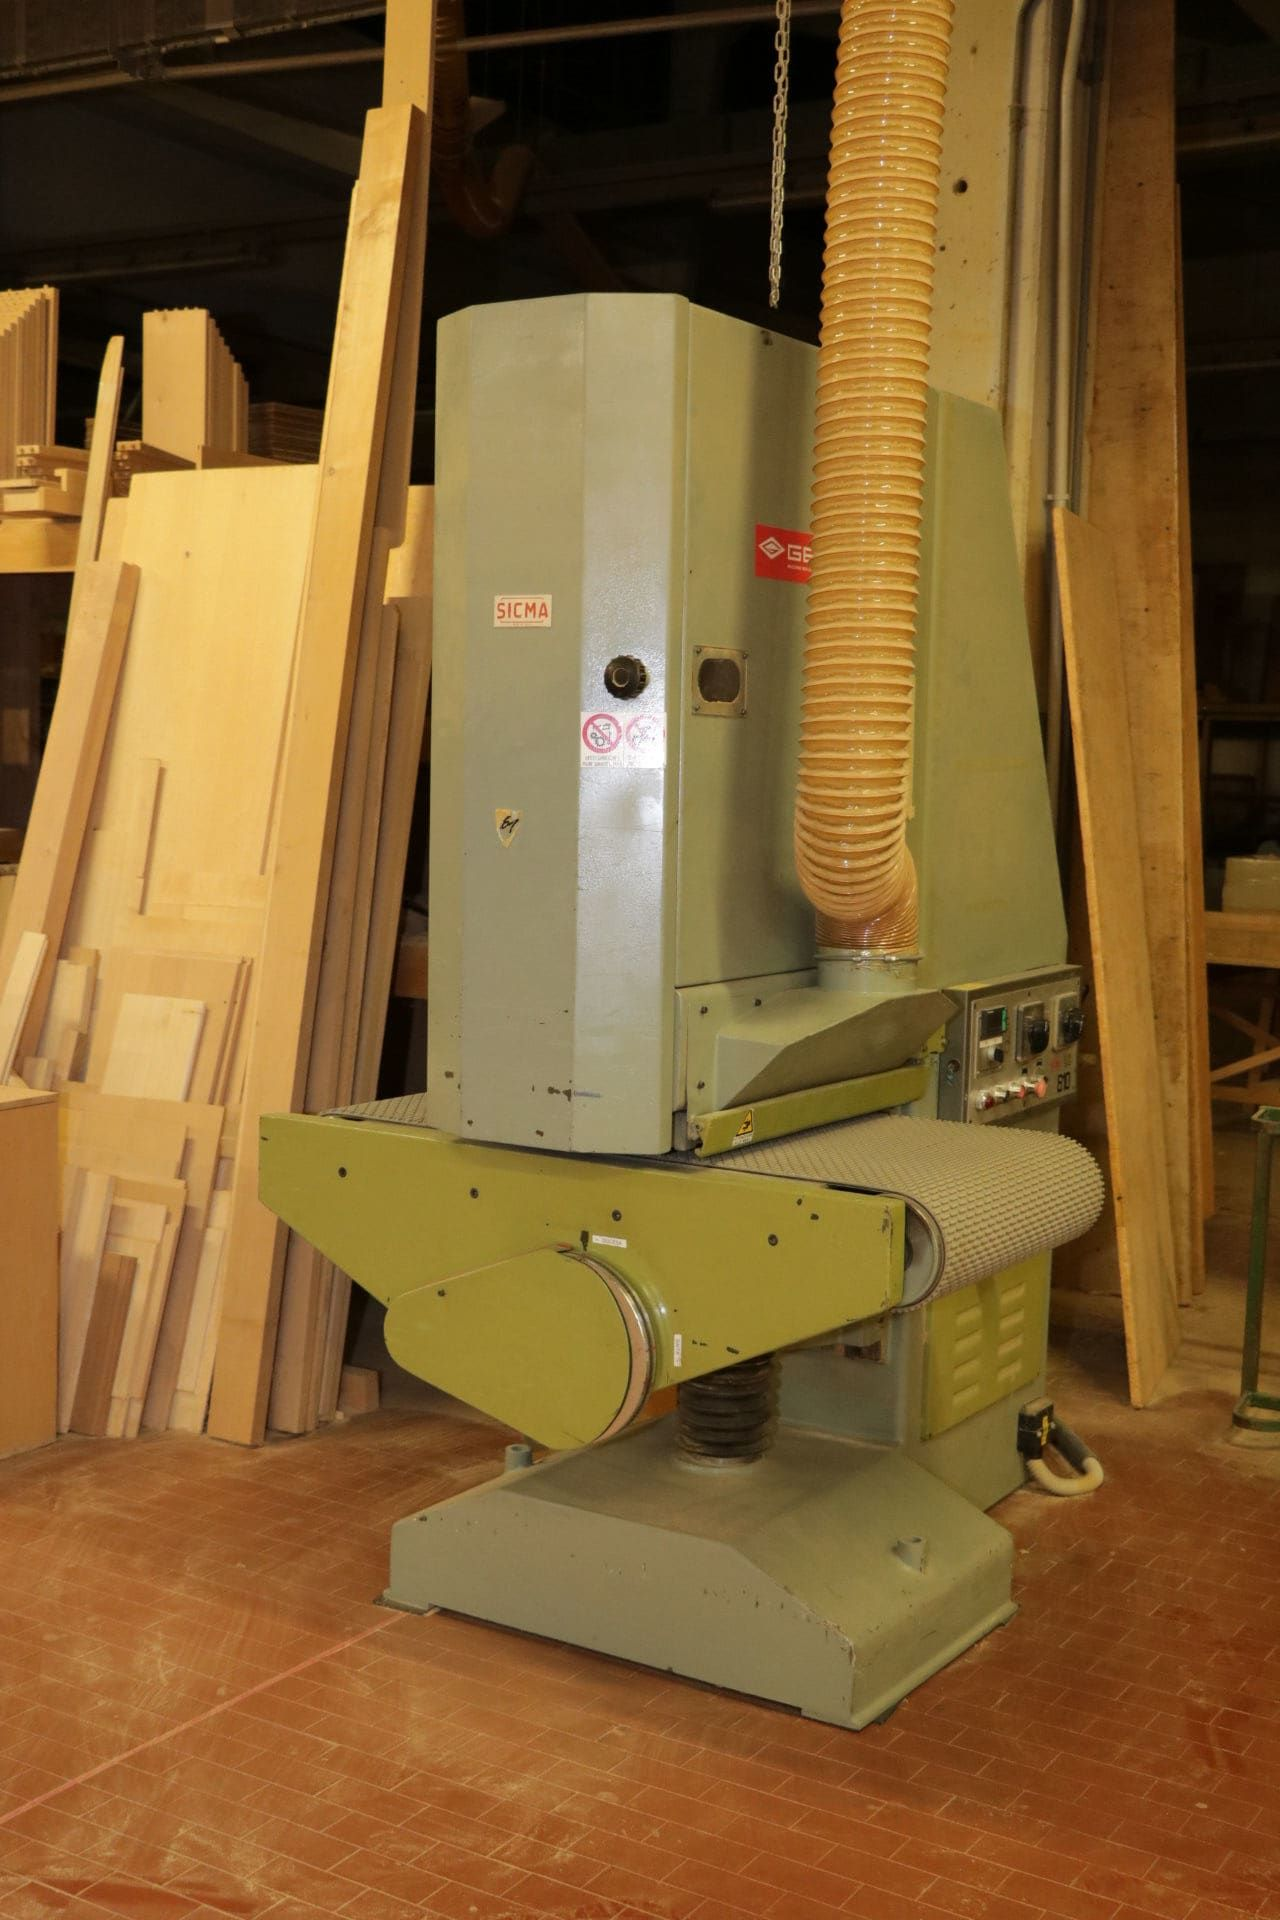 SICMA LC610 Schleifmaschine